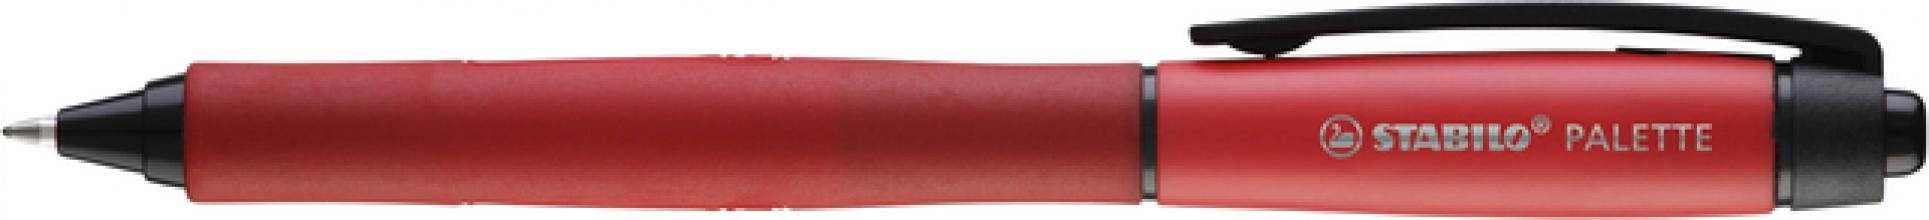 Stabilo , Stabilo palette rood